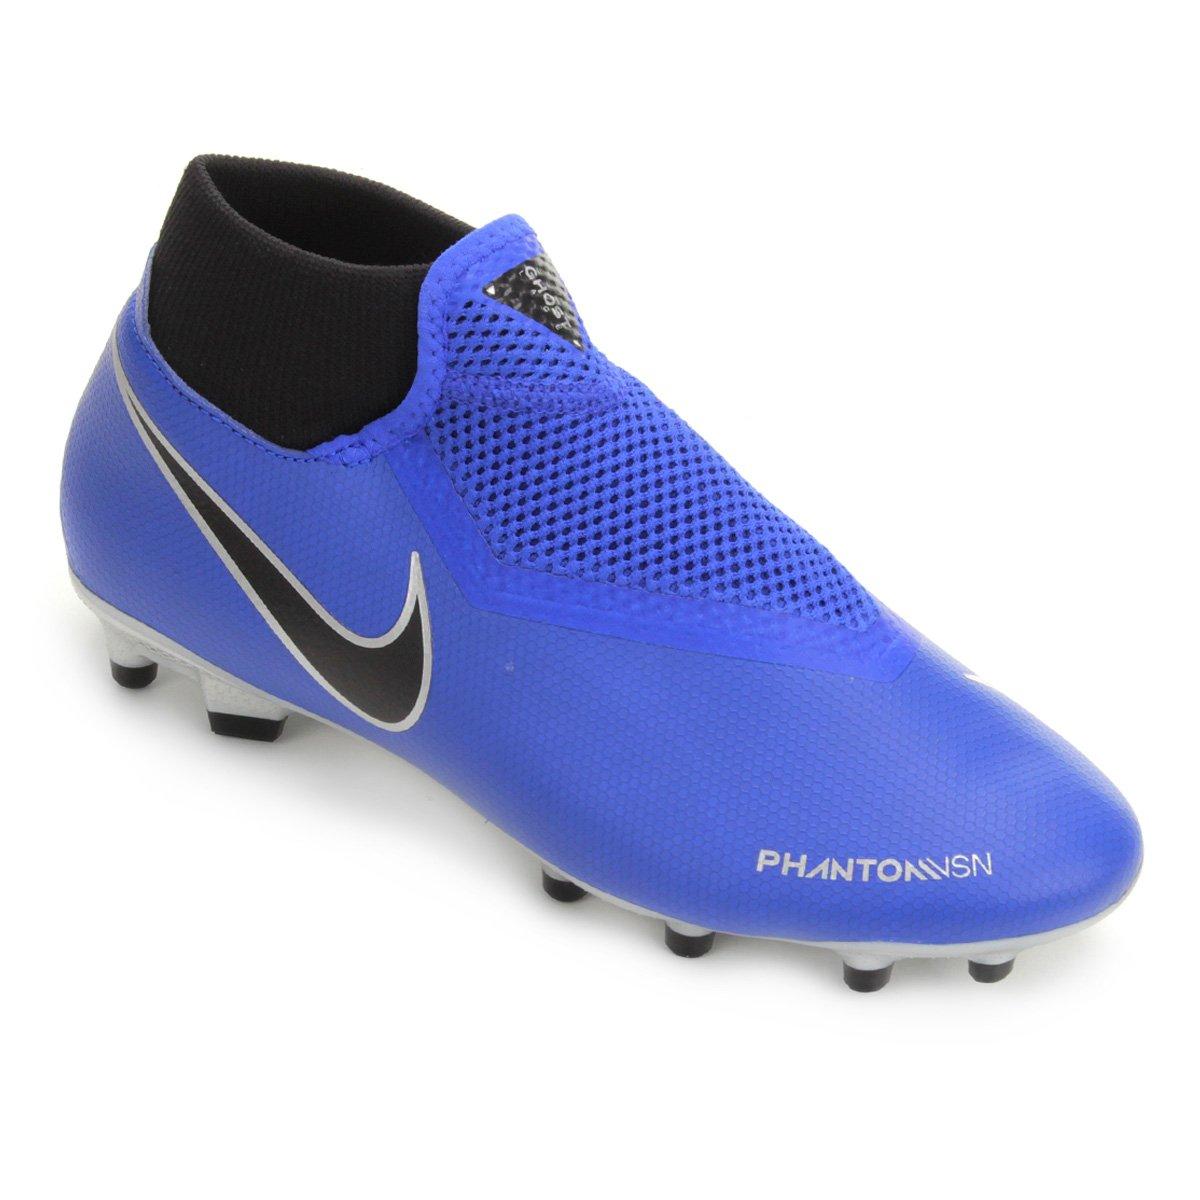 9463d6a8d50f5 Chuteira Campo Nike Phantom Vision Academy DF FG - Azul e Preto - Compre  Agora